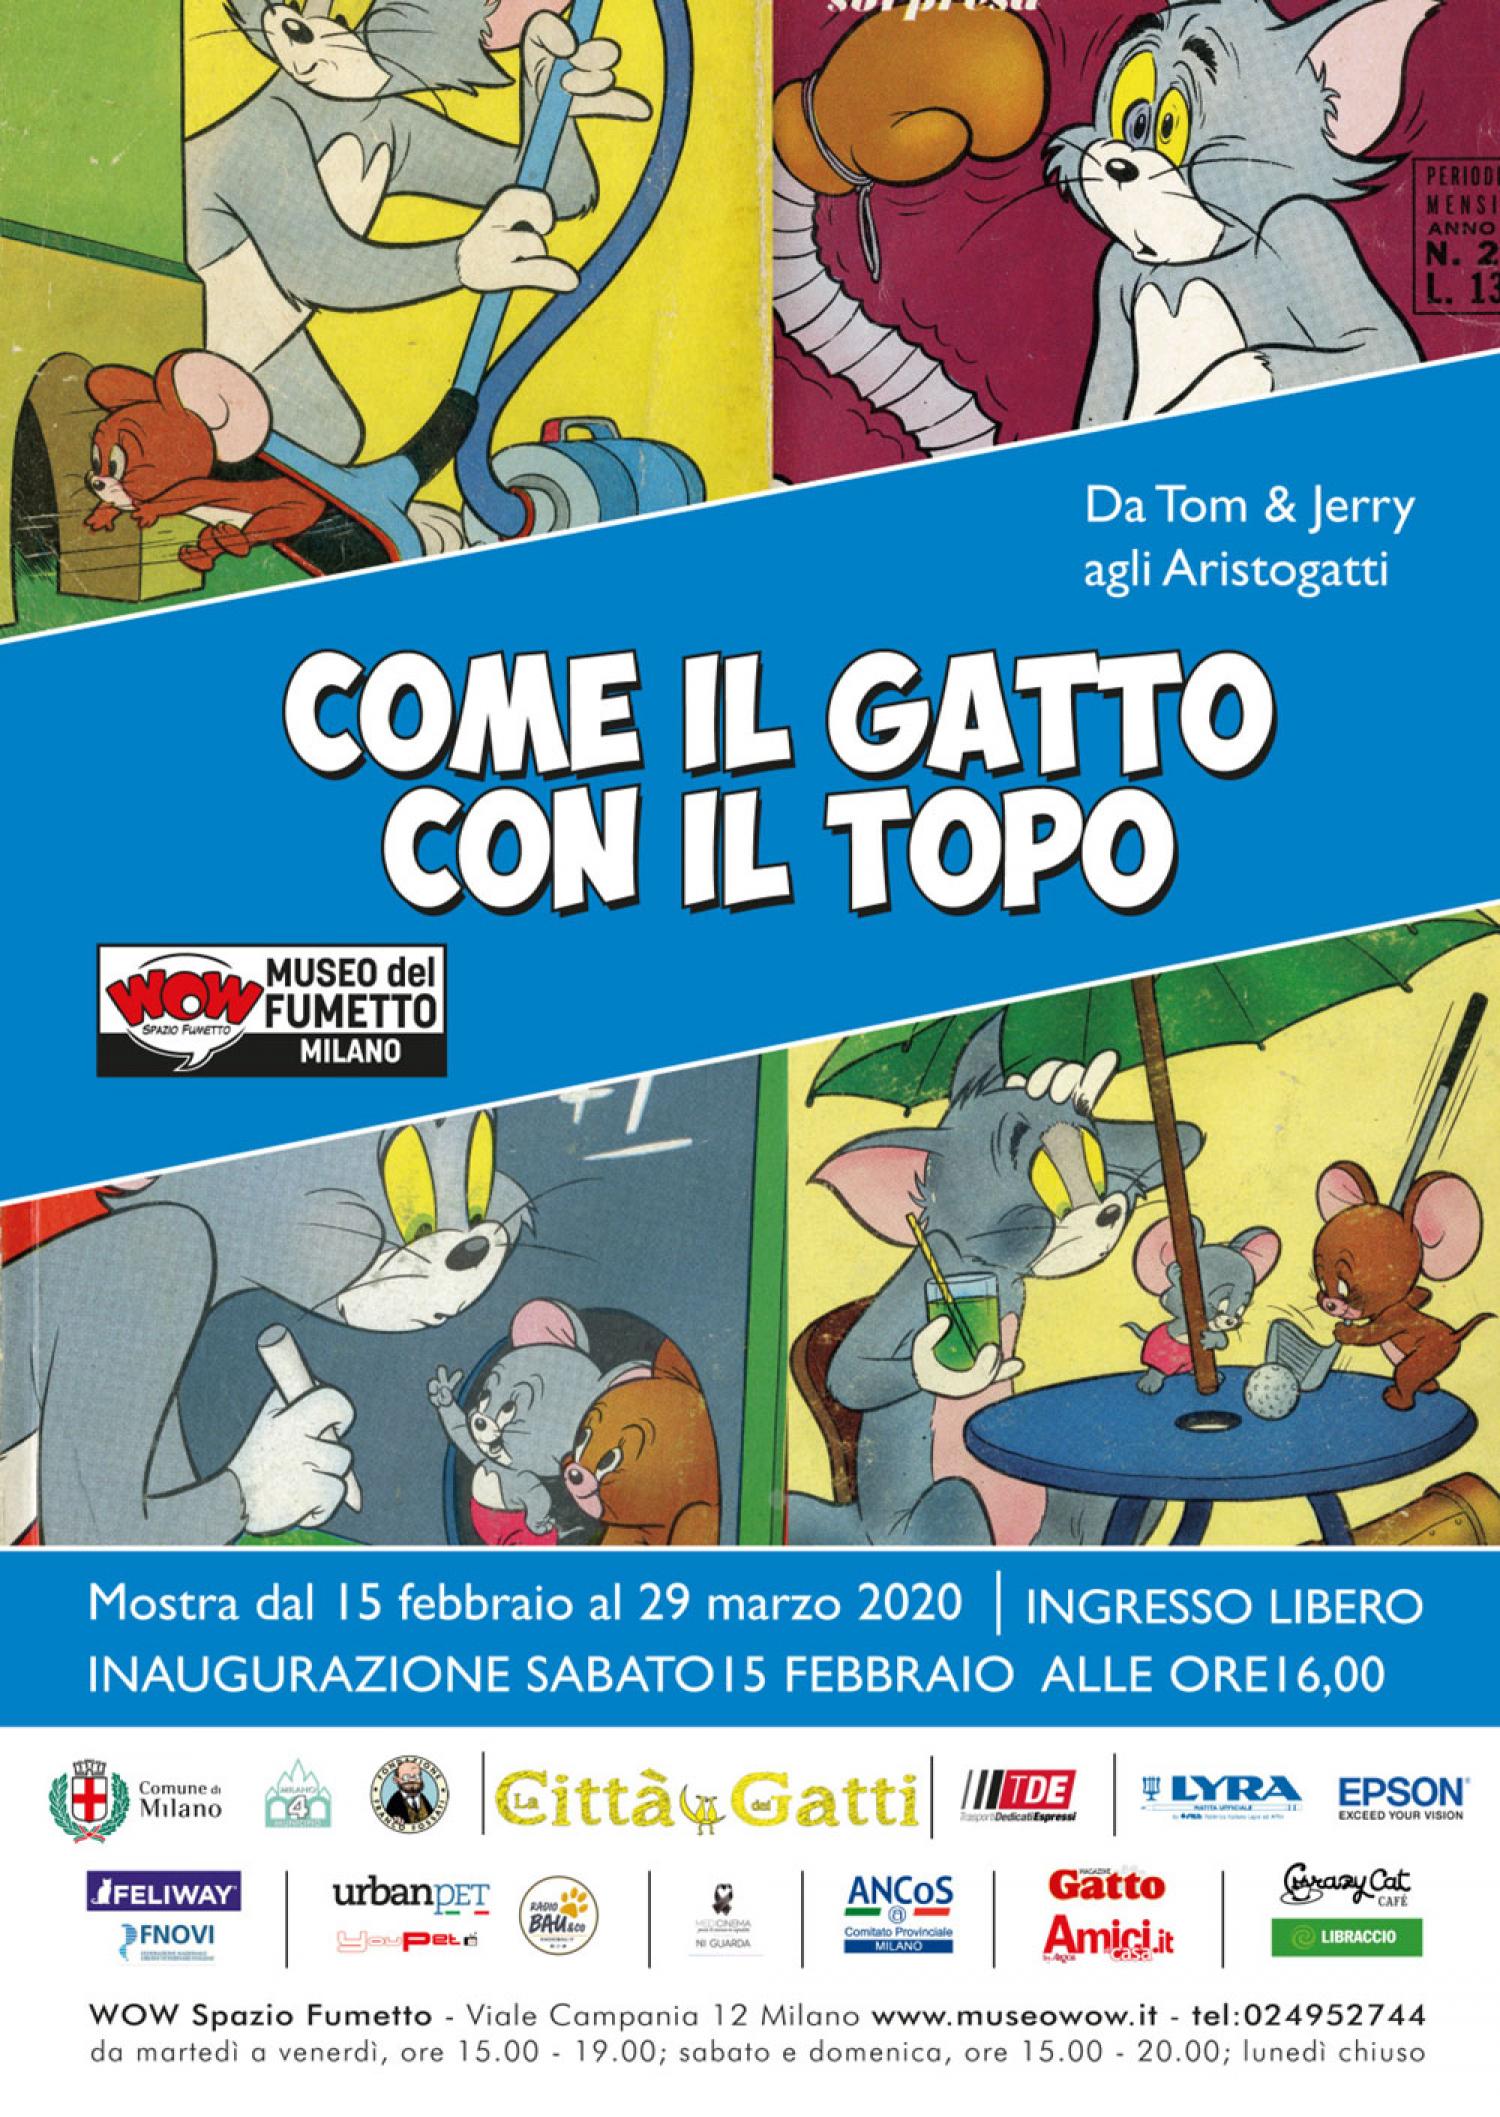 """<p><strong>ATTENZIONE: Da marted&igrave; 16 giugno la mostra sar&agrave; visitabile solo nei weekend</strong></p><p>&nbsp;</p><p>Il rapporto tra gatti e topi &egrave; qualcosa di strano e unico. E, proprio per questa ragione, in occasione de <a href=""""http://www.lacittadeigatti.it/"""">La citt&agrave; dei gatti 2020</a>, i gatti e i topi sono al centro della mostra realizzata da Wow Spazio Fumetto di Milano. L&rsquo;esposizione, infatti, propone una carrellata su queste strane coppie di amici nemici che sono state protagoniste di fumetti e disegni animati.</p><p>Ecco allora, accanto a storie come quella di <strong>Krazy Kat</strong>, la gatta innamorata di un topo che risponde al suo amore a colpi di mattone, anche la storia della controversa amicizia/inimicizia tra <strong>Gambadilegno</strong> e <strong>Topolino</strong>.</p><p>La mostra, soprattutto, racconta le avventure della coppia gatto-topo pi&ugrave; famosa al mondo: <strong>Tom &amp; Jerry</strong>. Nel 2020 queste due star di Hollywood <strong>compiono 80 anni</strong>: la loro prima&nbsp;apparizione sul grande schermo risale, infatti, al 1940.</p><p>&nbsp;</p><p><em>Inaugurazione sabato 15 Febbraio alle ore 16.00.</em></p>"""